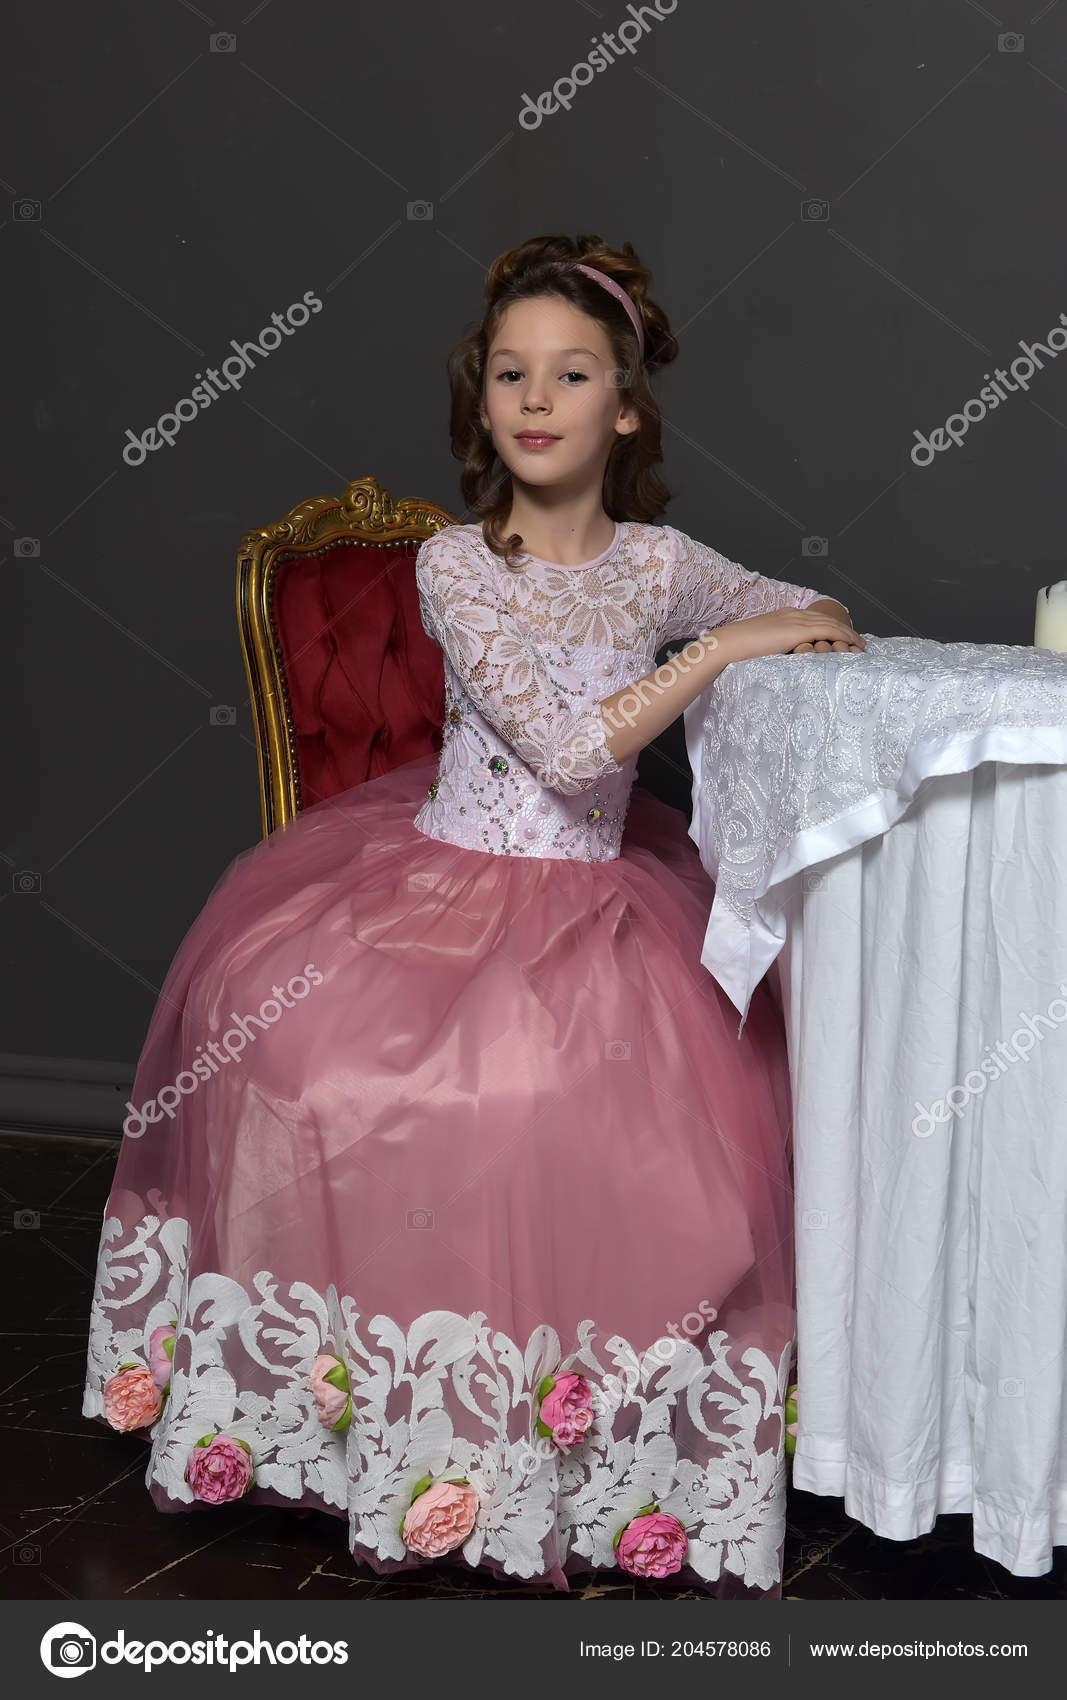 c04d17f4da3a Mladá Dívka Princezna Postavení Růžové Retro Šaty Opřel Lokty Stůl ...